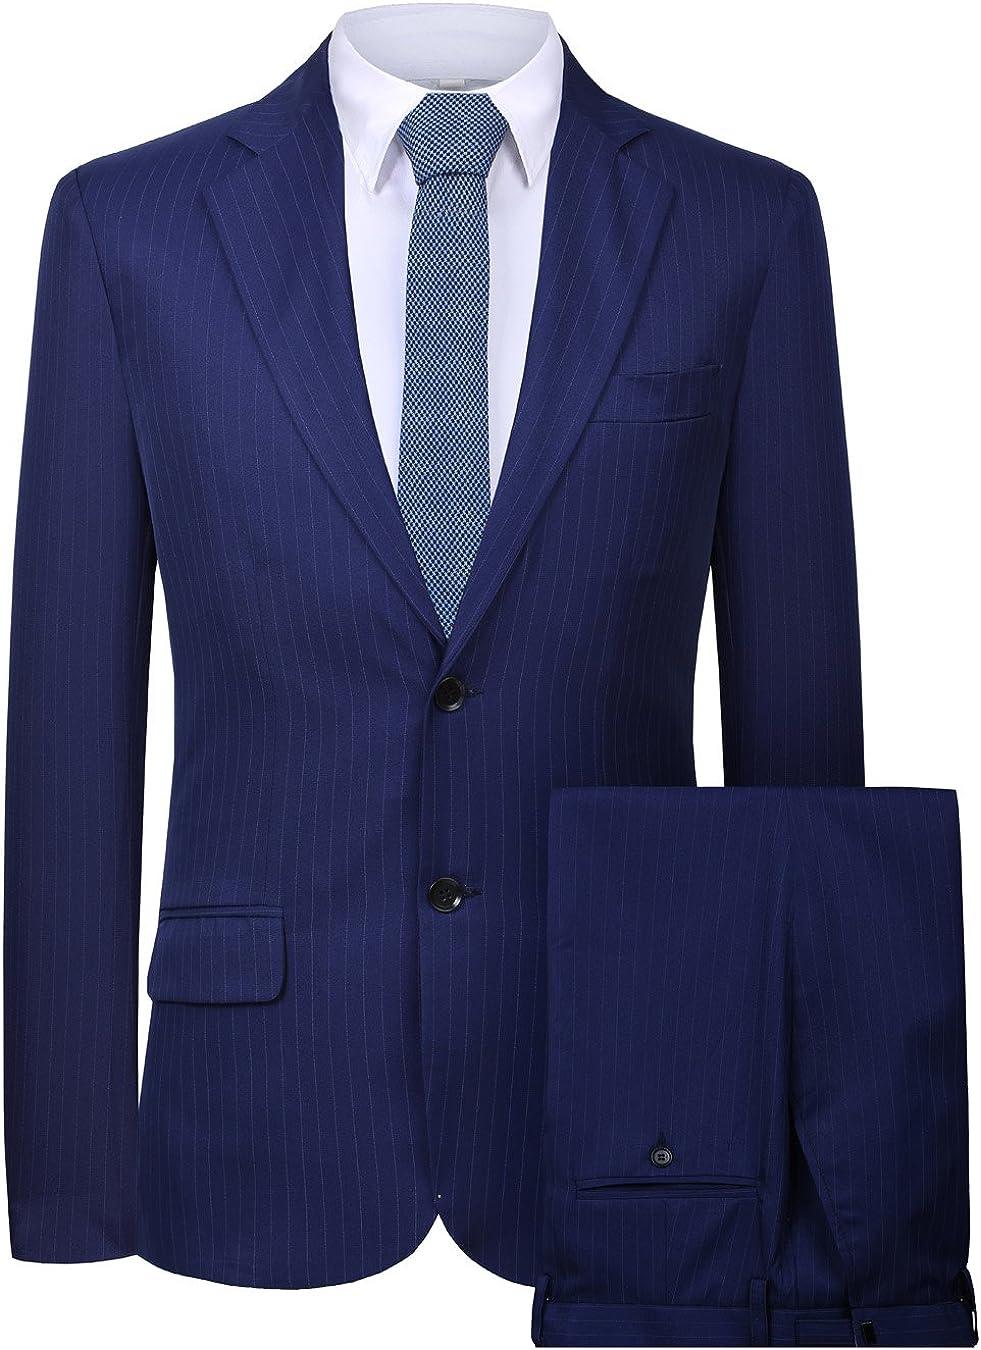 Men's Blazer 2 Pieces Casual Business Vent Suit Formal Stripes Jacket and Pants